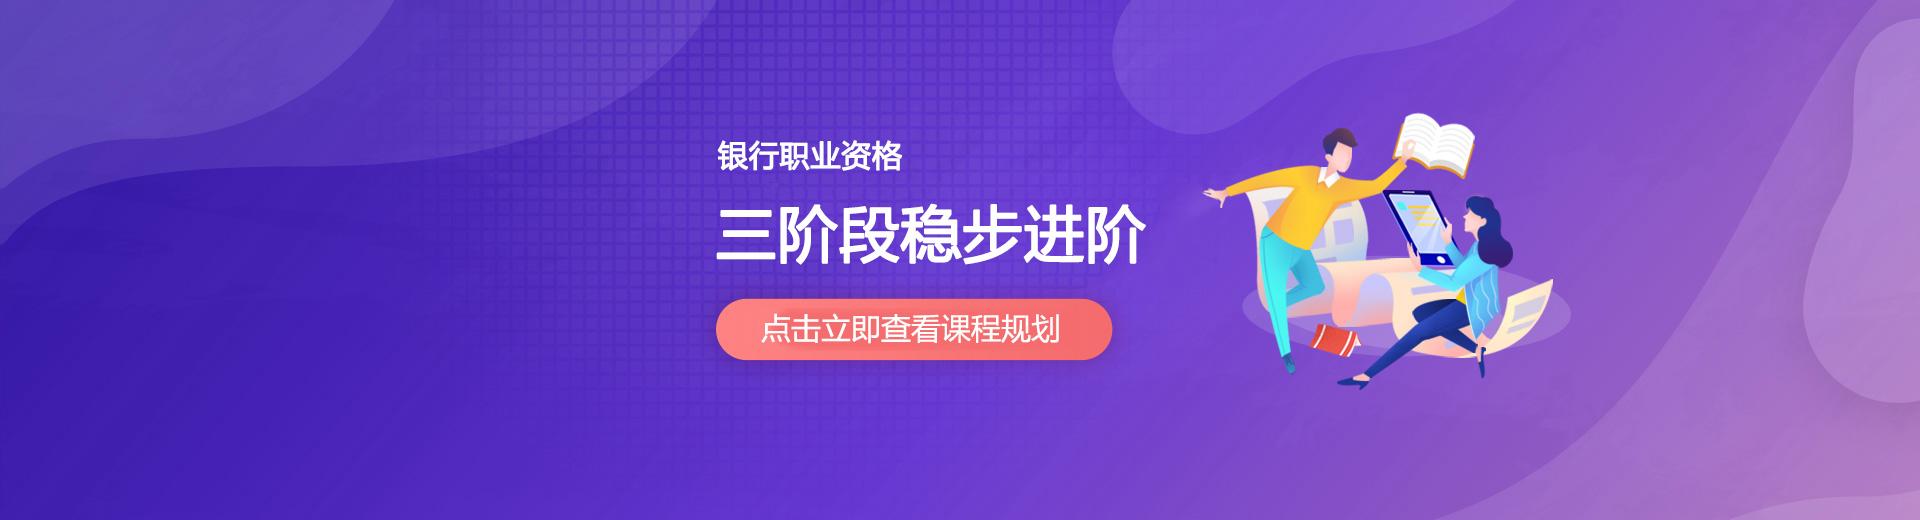 银行从业资格考试的学习网站